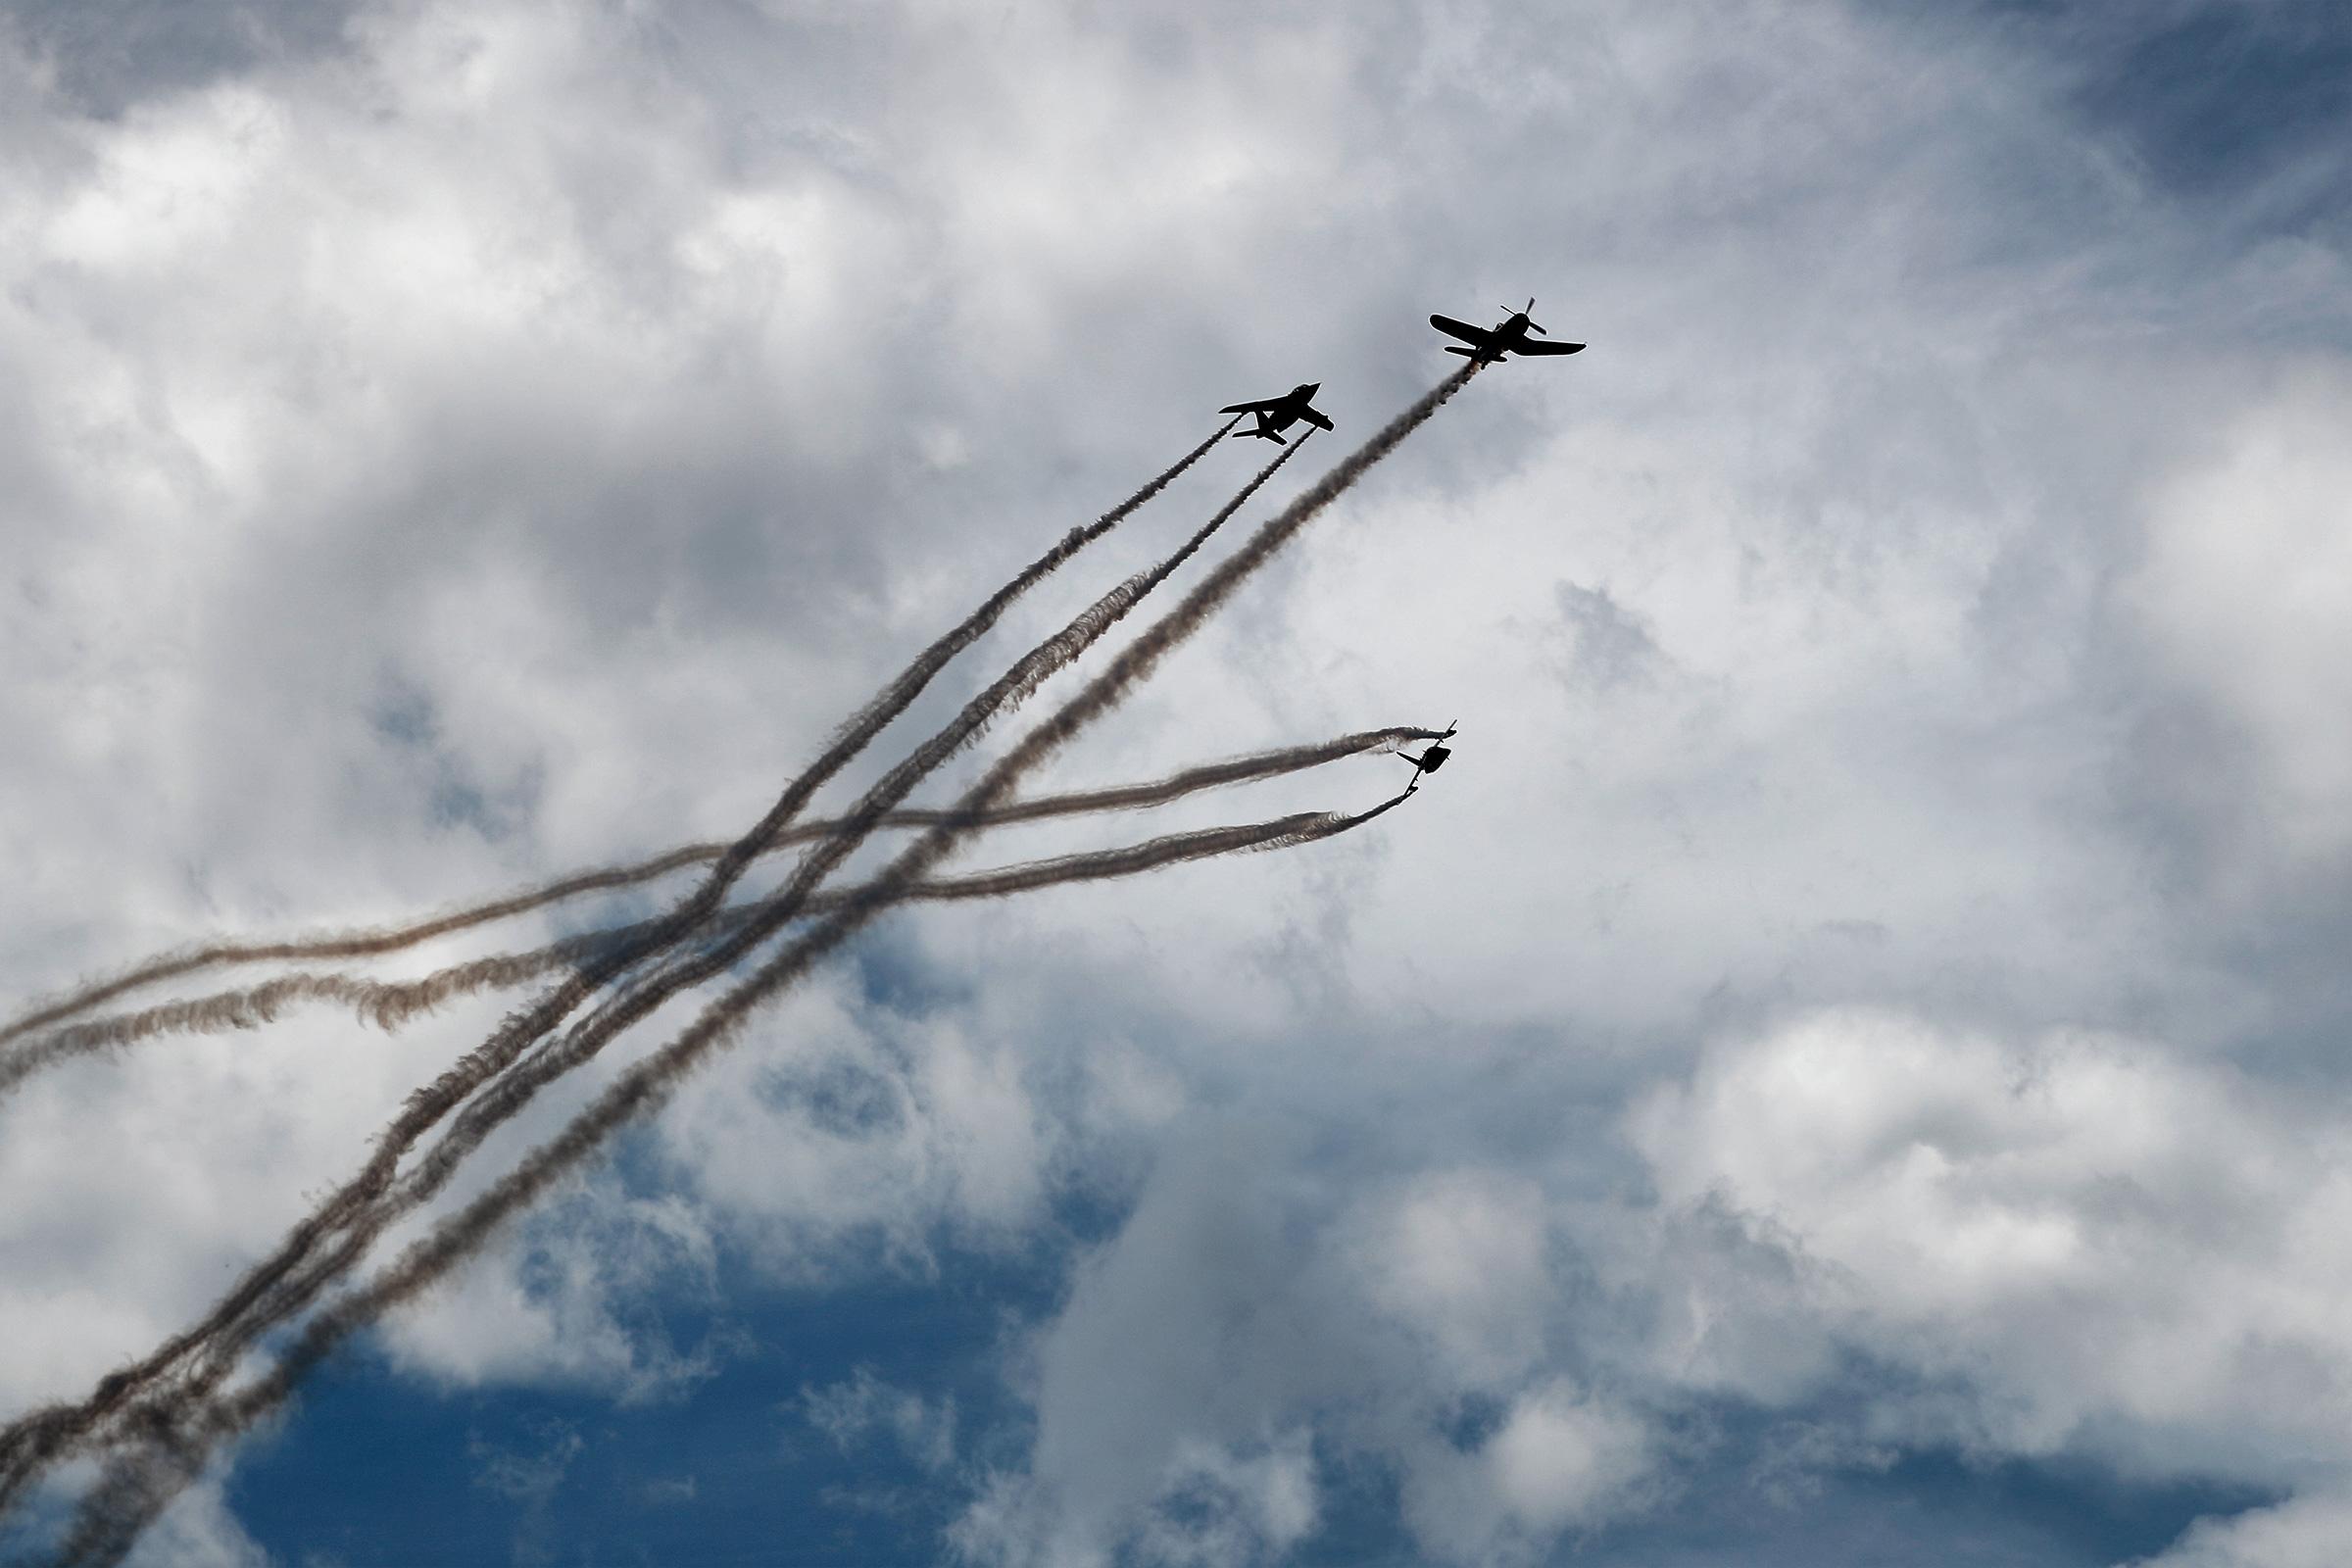 Red Bull Air Race – Zamárdiban rendezik a magyar versenyt